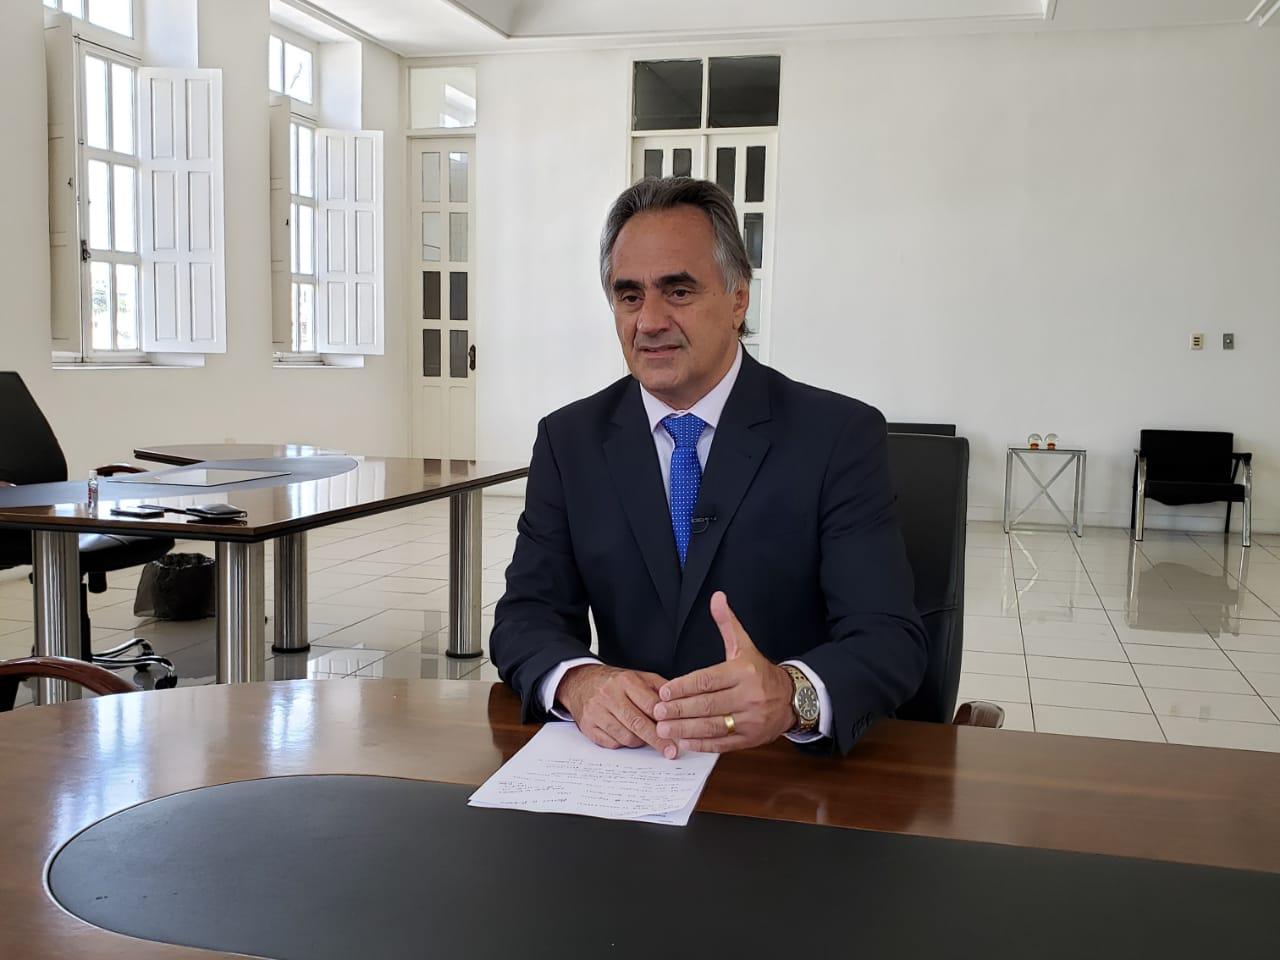 Luciano autoriza convocação de 423 profissionais aprovados no processo seletivo da Saúde para reforço às ações de enfrentamento a covid-19